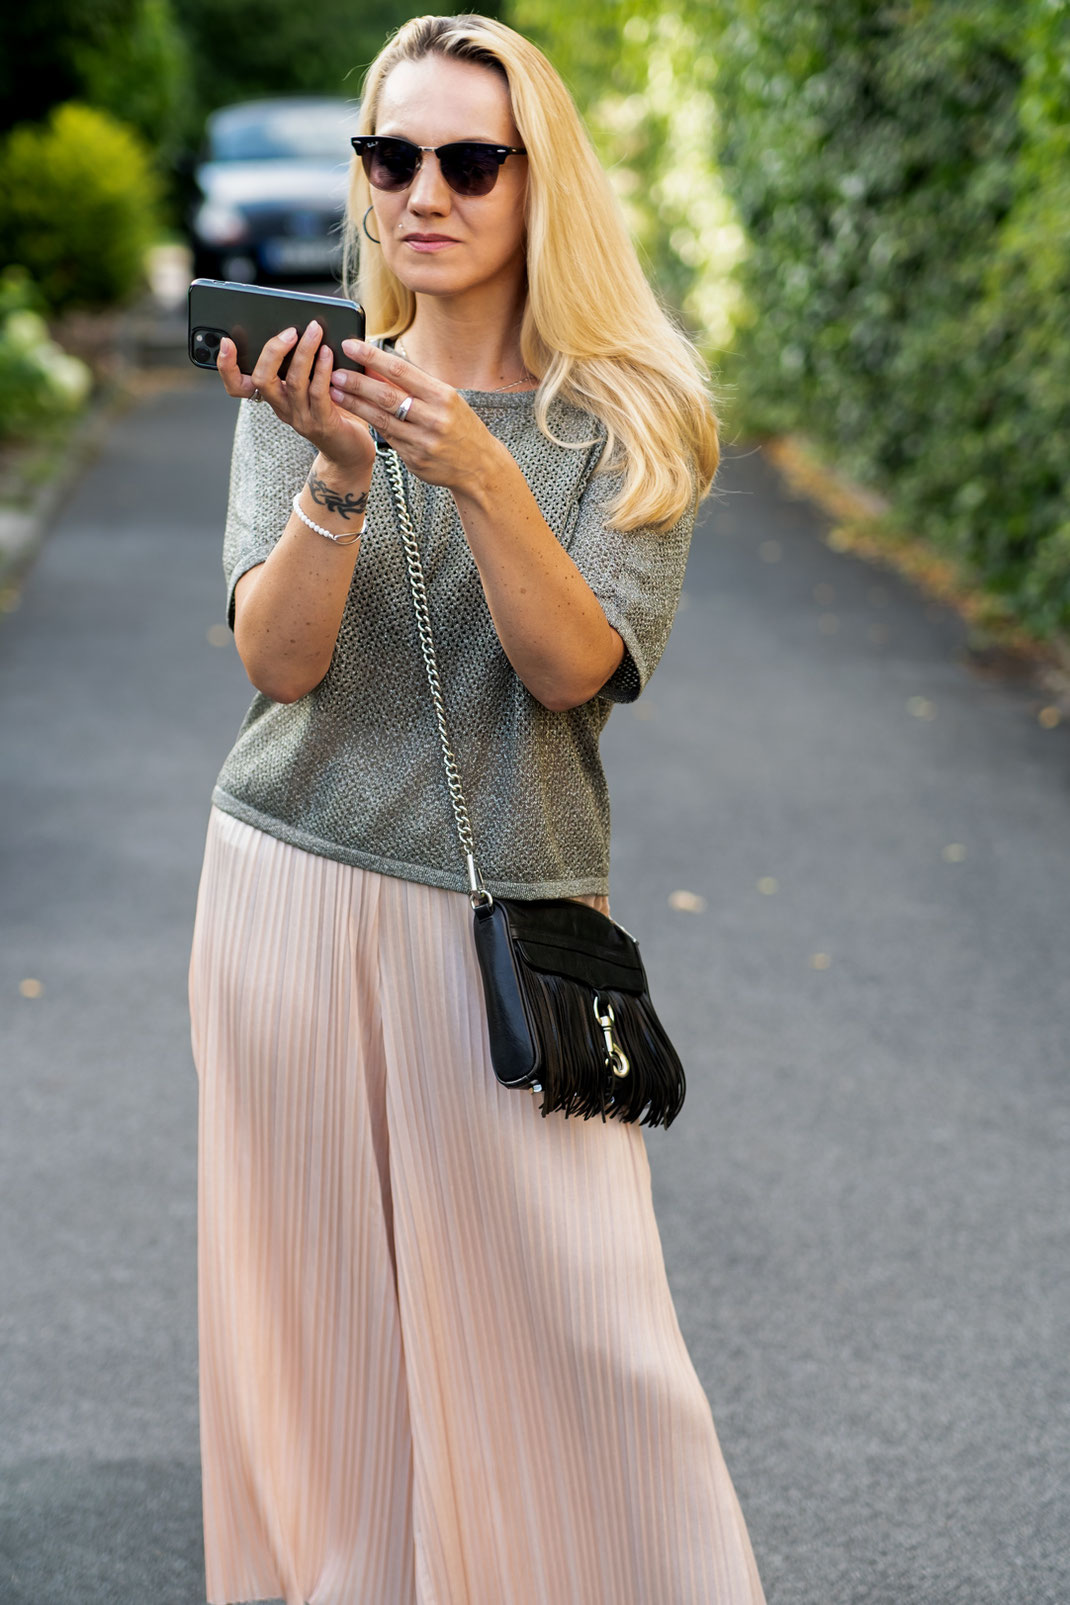 Coole & lässige Outfits für den Sommer: Mit Plissee Culotte & Lurex Shirt entspannt durch die City flanieren | Hot Port Life & Style | 30+ Style Blog